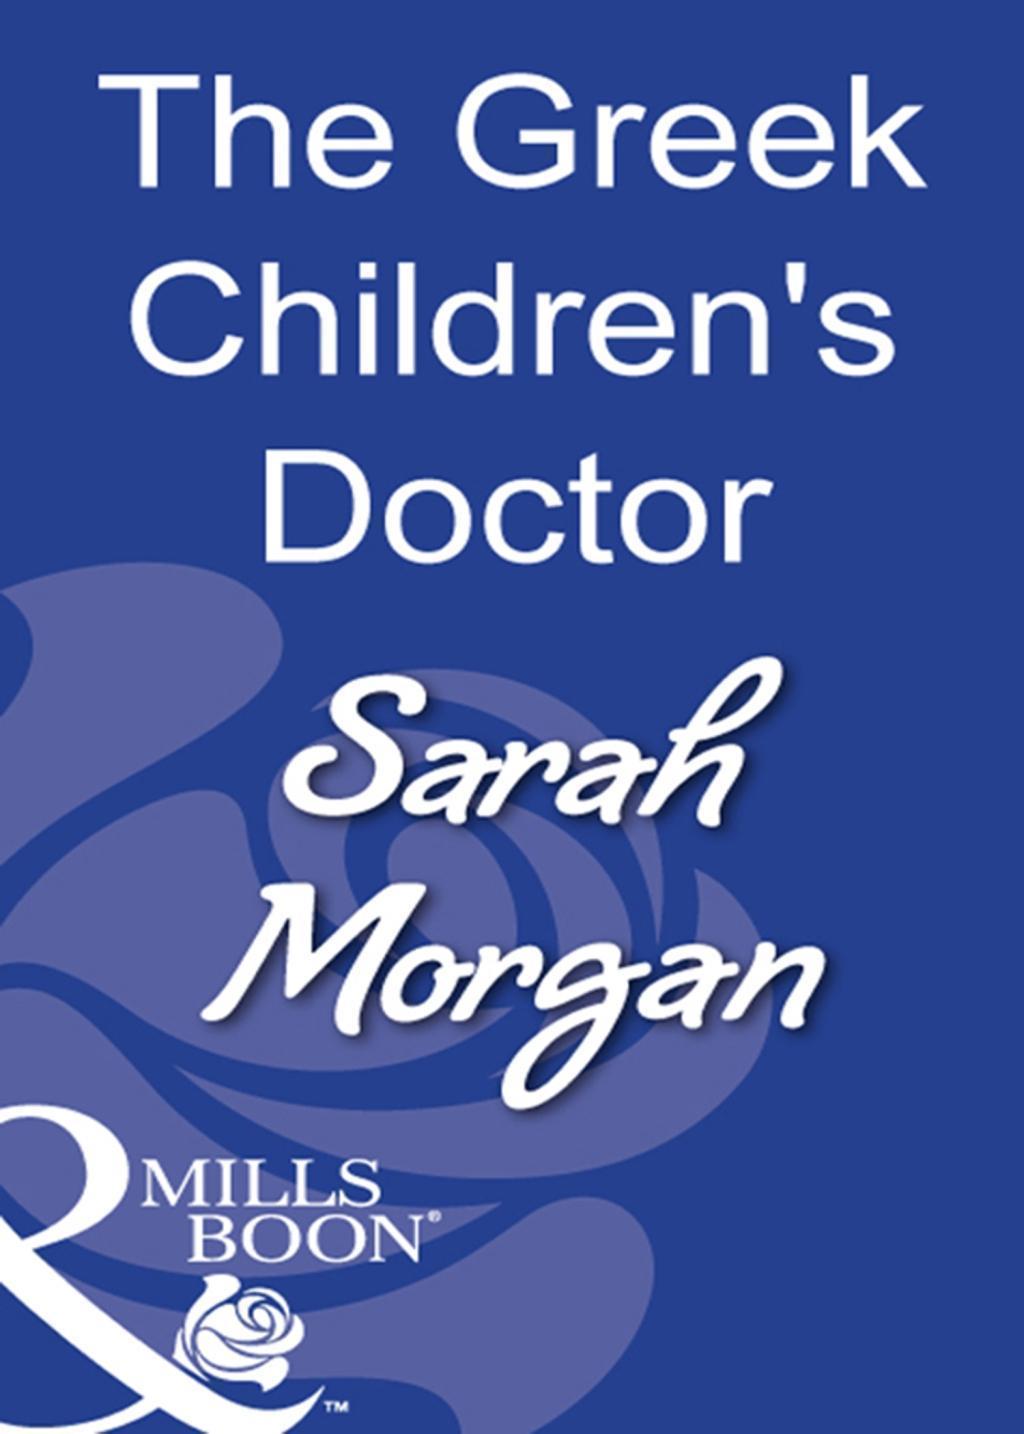 The Greek Children's Doctor (Mills & Boon Modern)